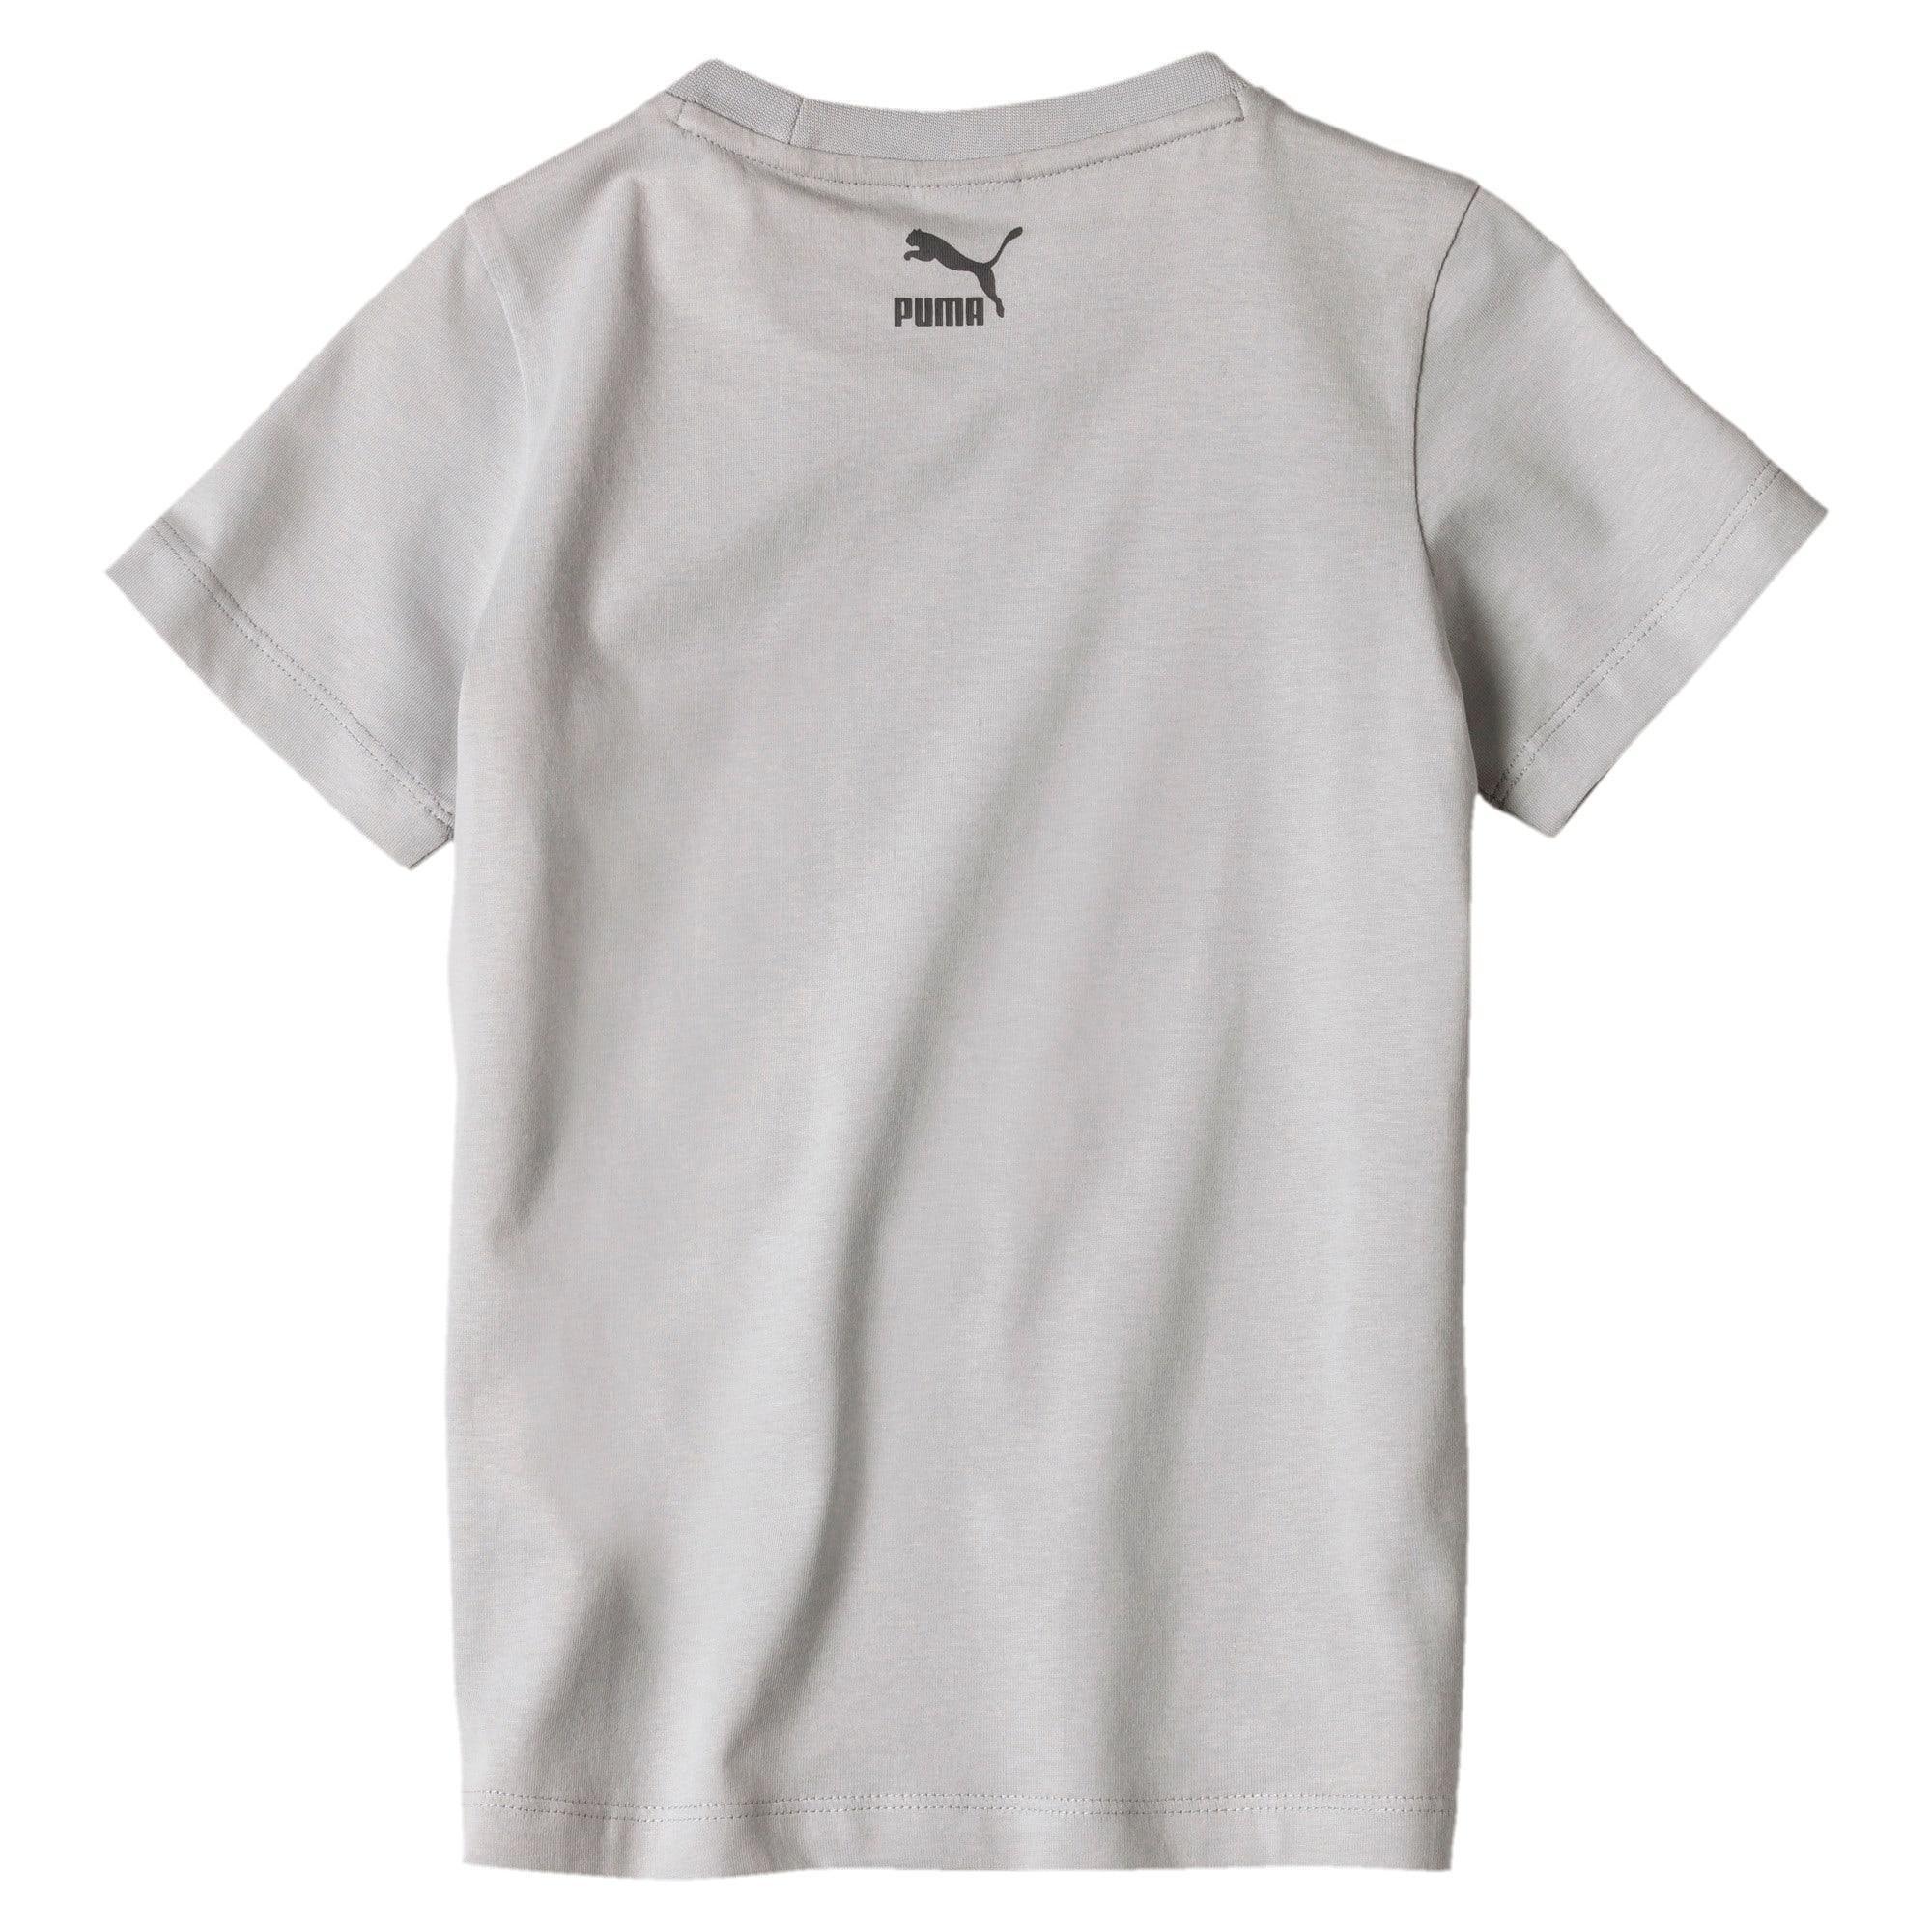 Vignette 2 de T-shirt Monster, nouveau-né + tout-petit, Gratte-ciel, moyen